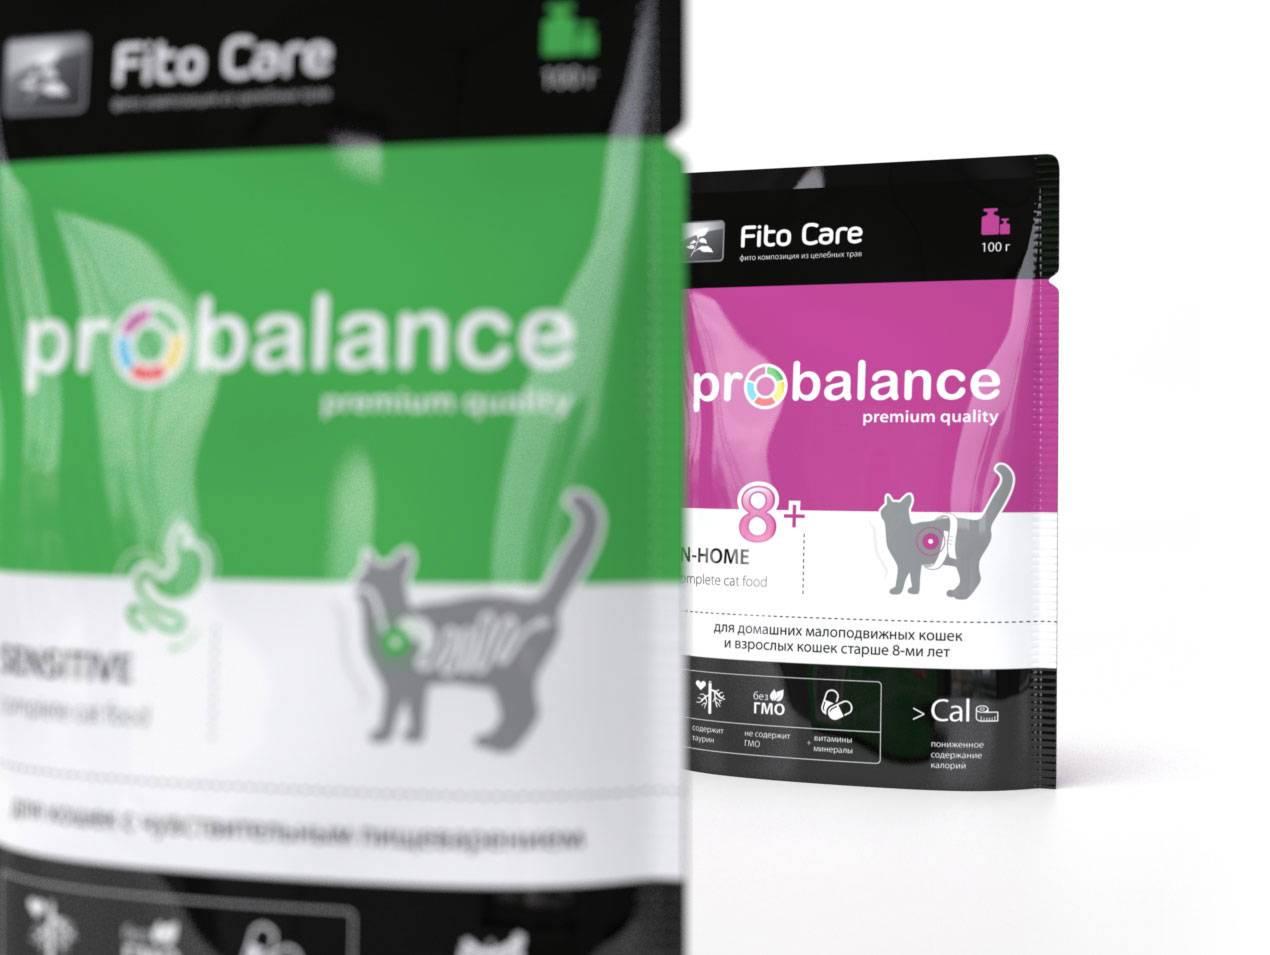 Корм для кошек probalance: отзывы и разбор состава